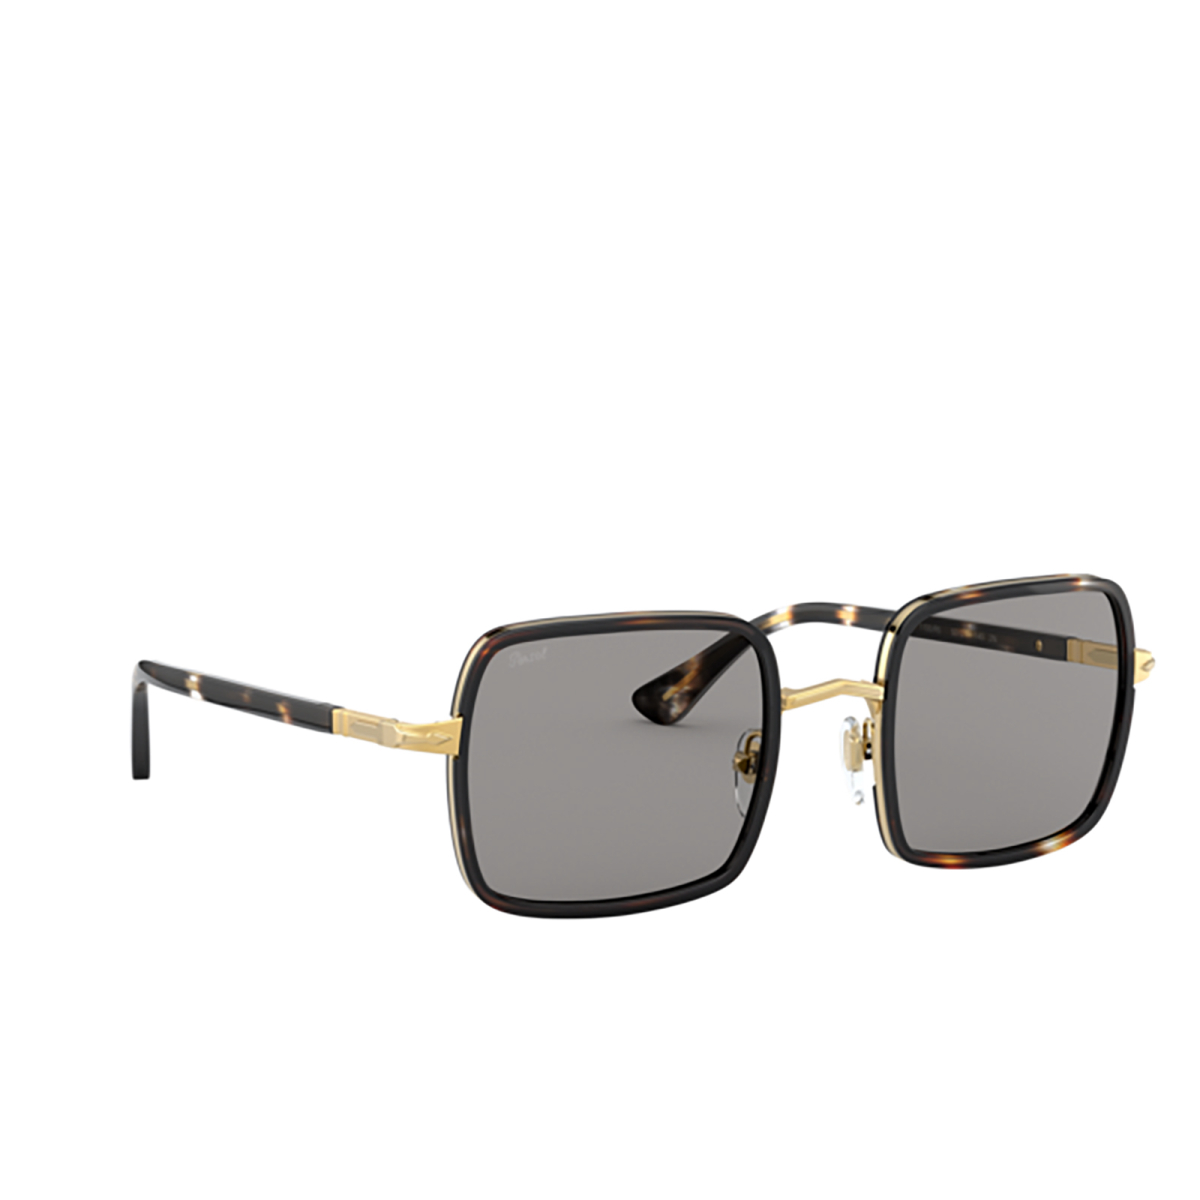 Persol® Square Sunglasses: PO2475S color Gold & Striped Browne & Smoke 1100R5.